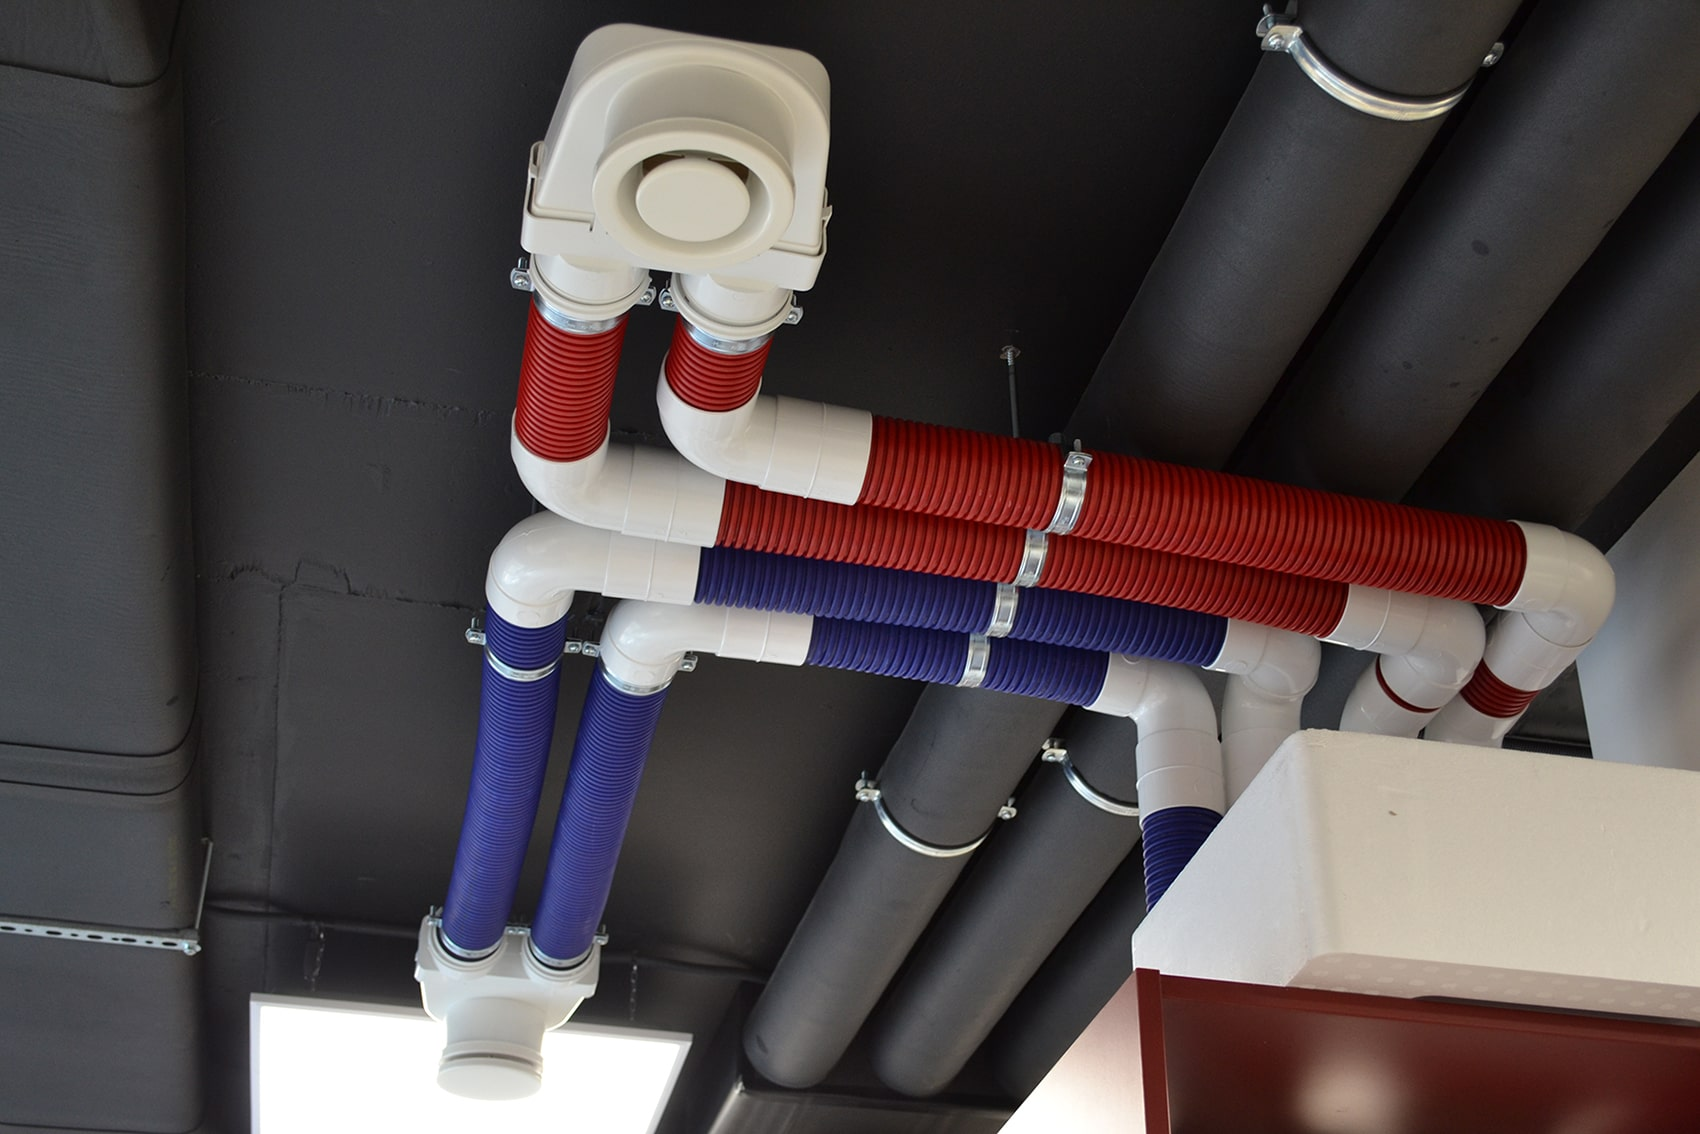 Воздуховоды для демонстрации работы децентрализованной вентиляции